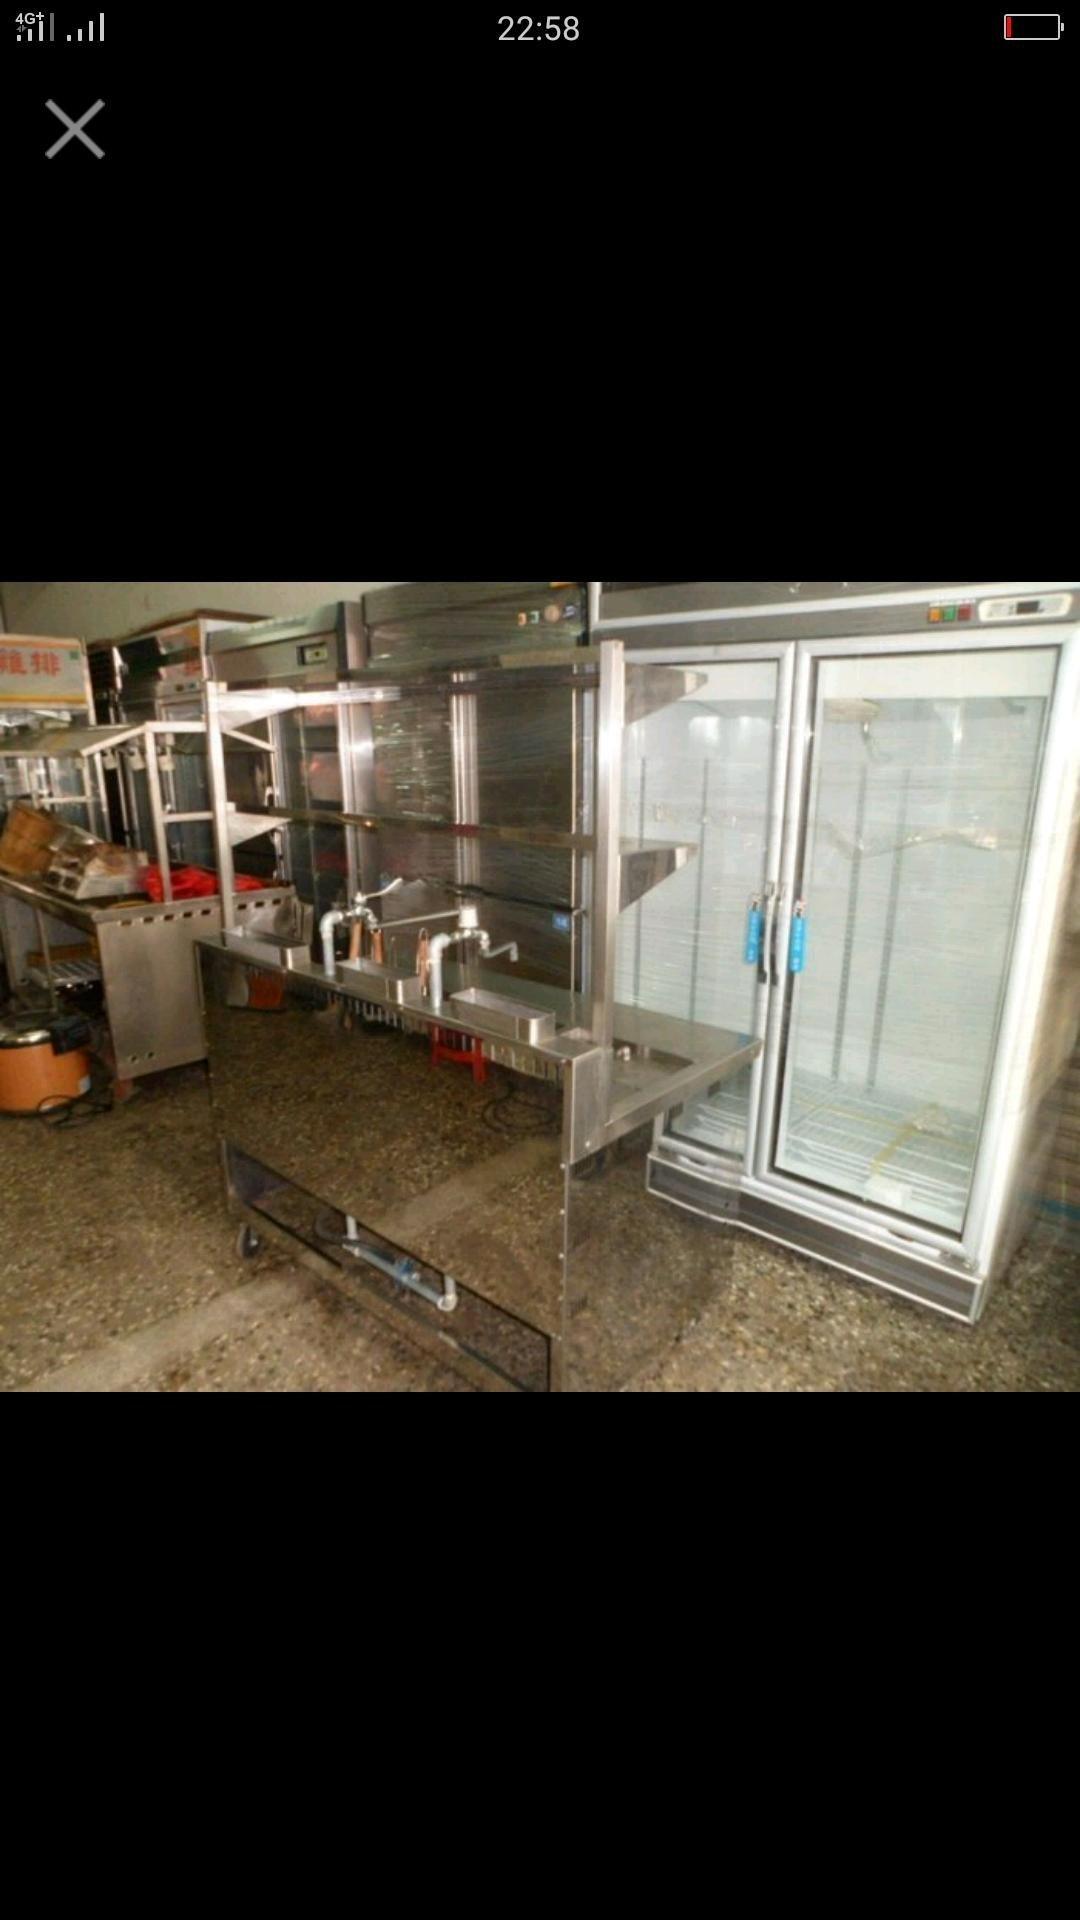 專修-外修/商用家用冰箱餐飲設備 製冰機冷凍櫃冷藏櫃 上掀式恆拉式冰櫃工作台冰櫃 雙門三門玻璃冷藏展示櫃 四門白鐵冰櫃立式臥式各種冰箱全新中古二手故障維修 回收